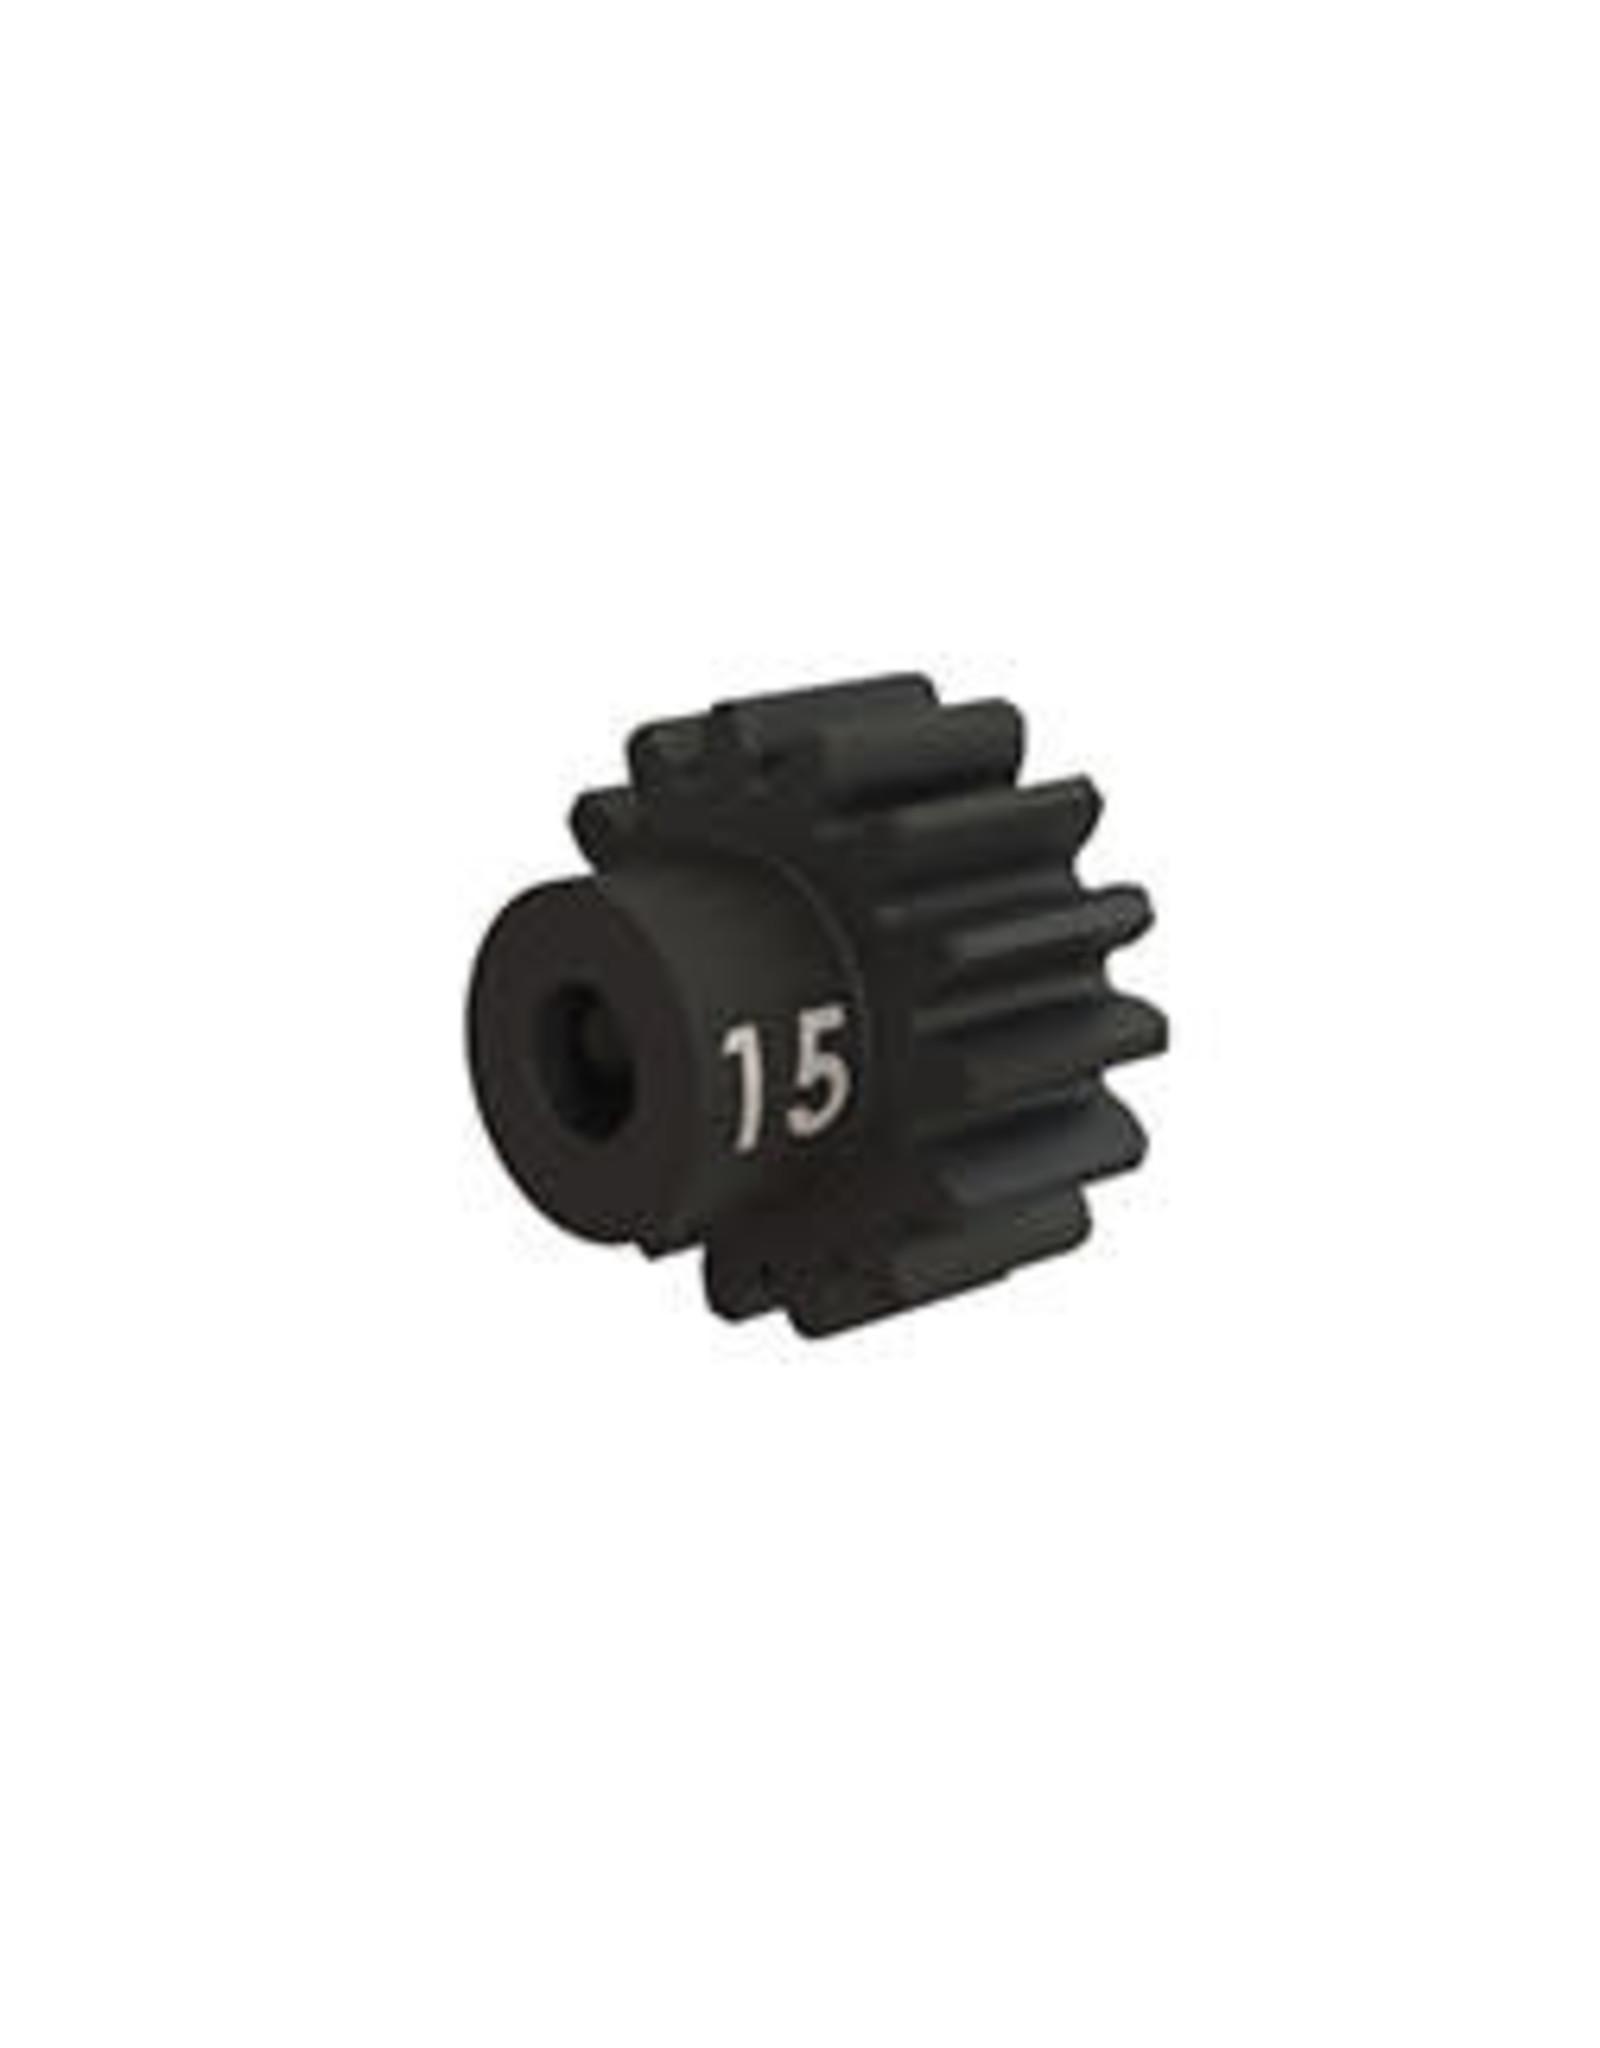 Traxxas Pinion Gear15T 32-P HVY DUTY TRA3945x